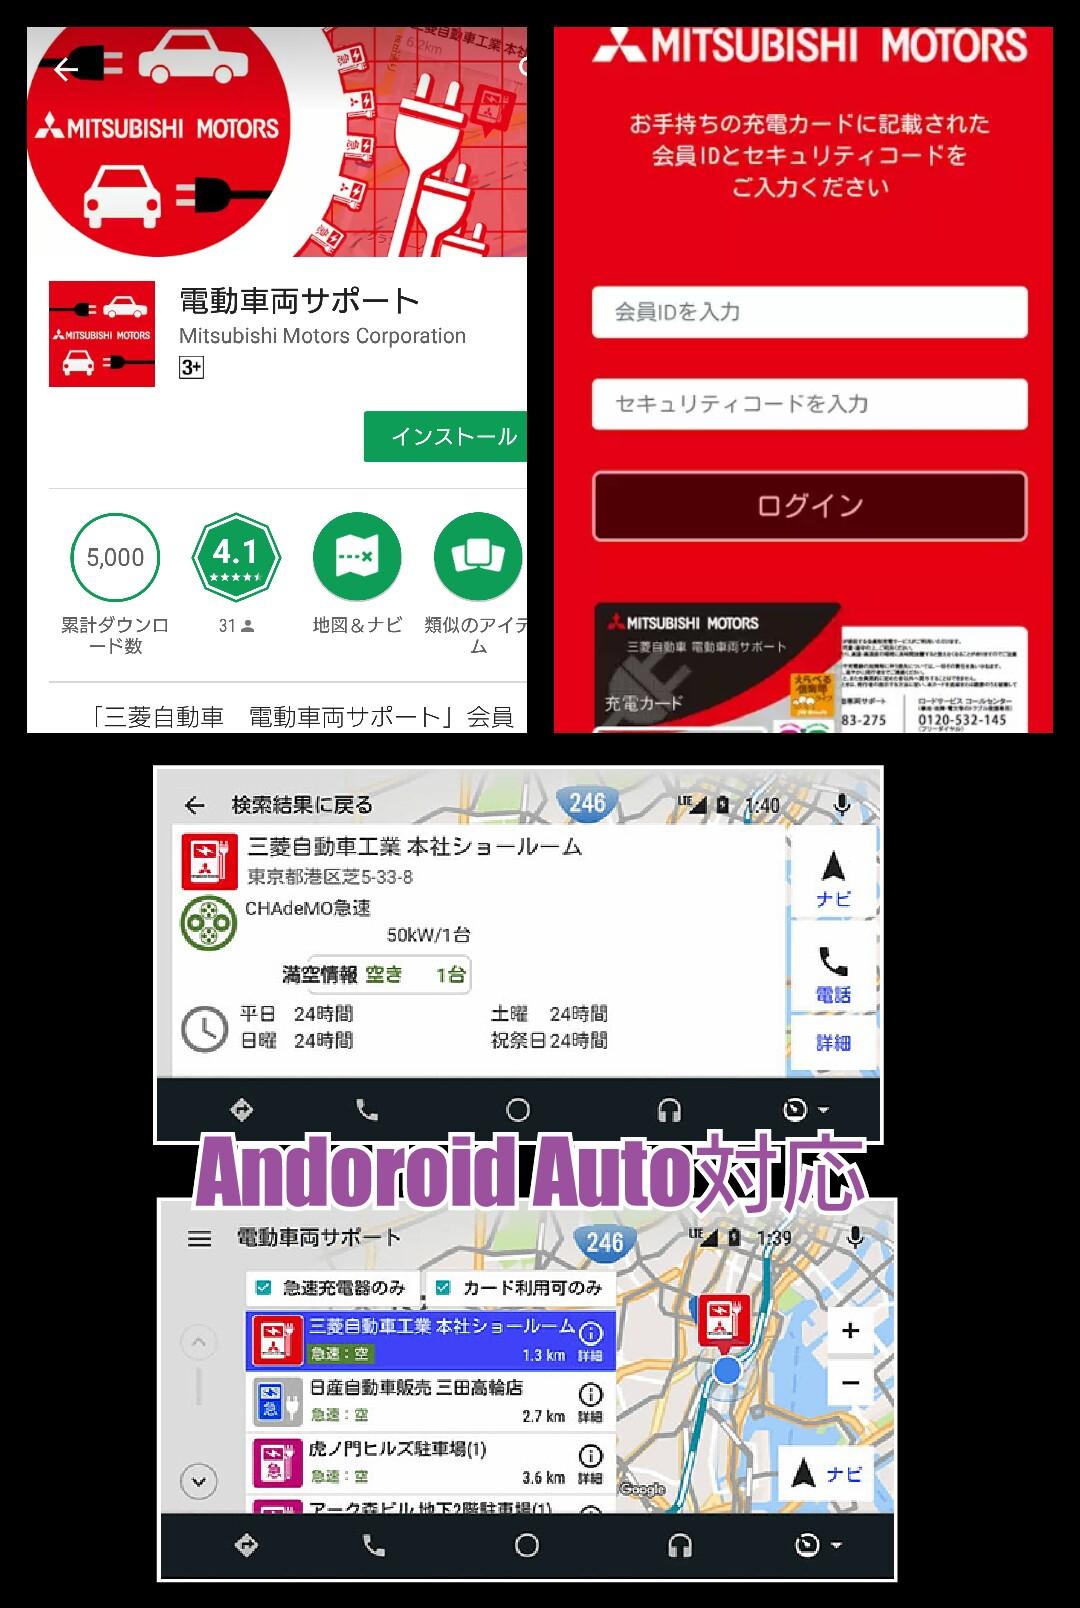 三菱電動サポート アプリ Andoroid auto